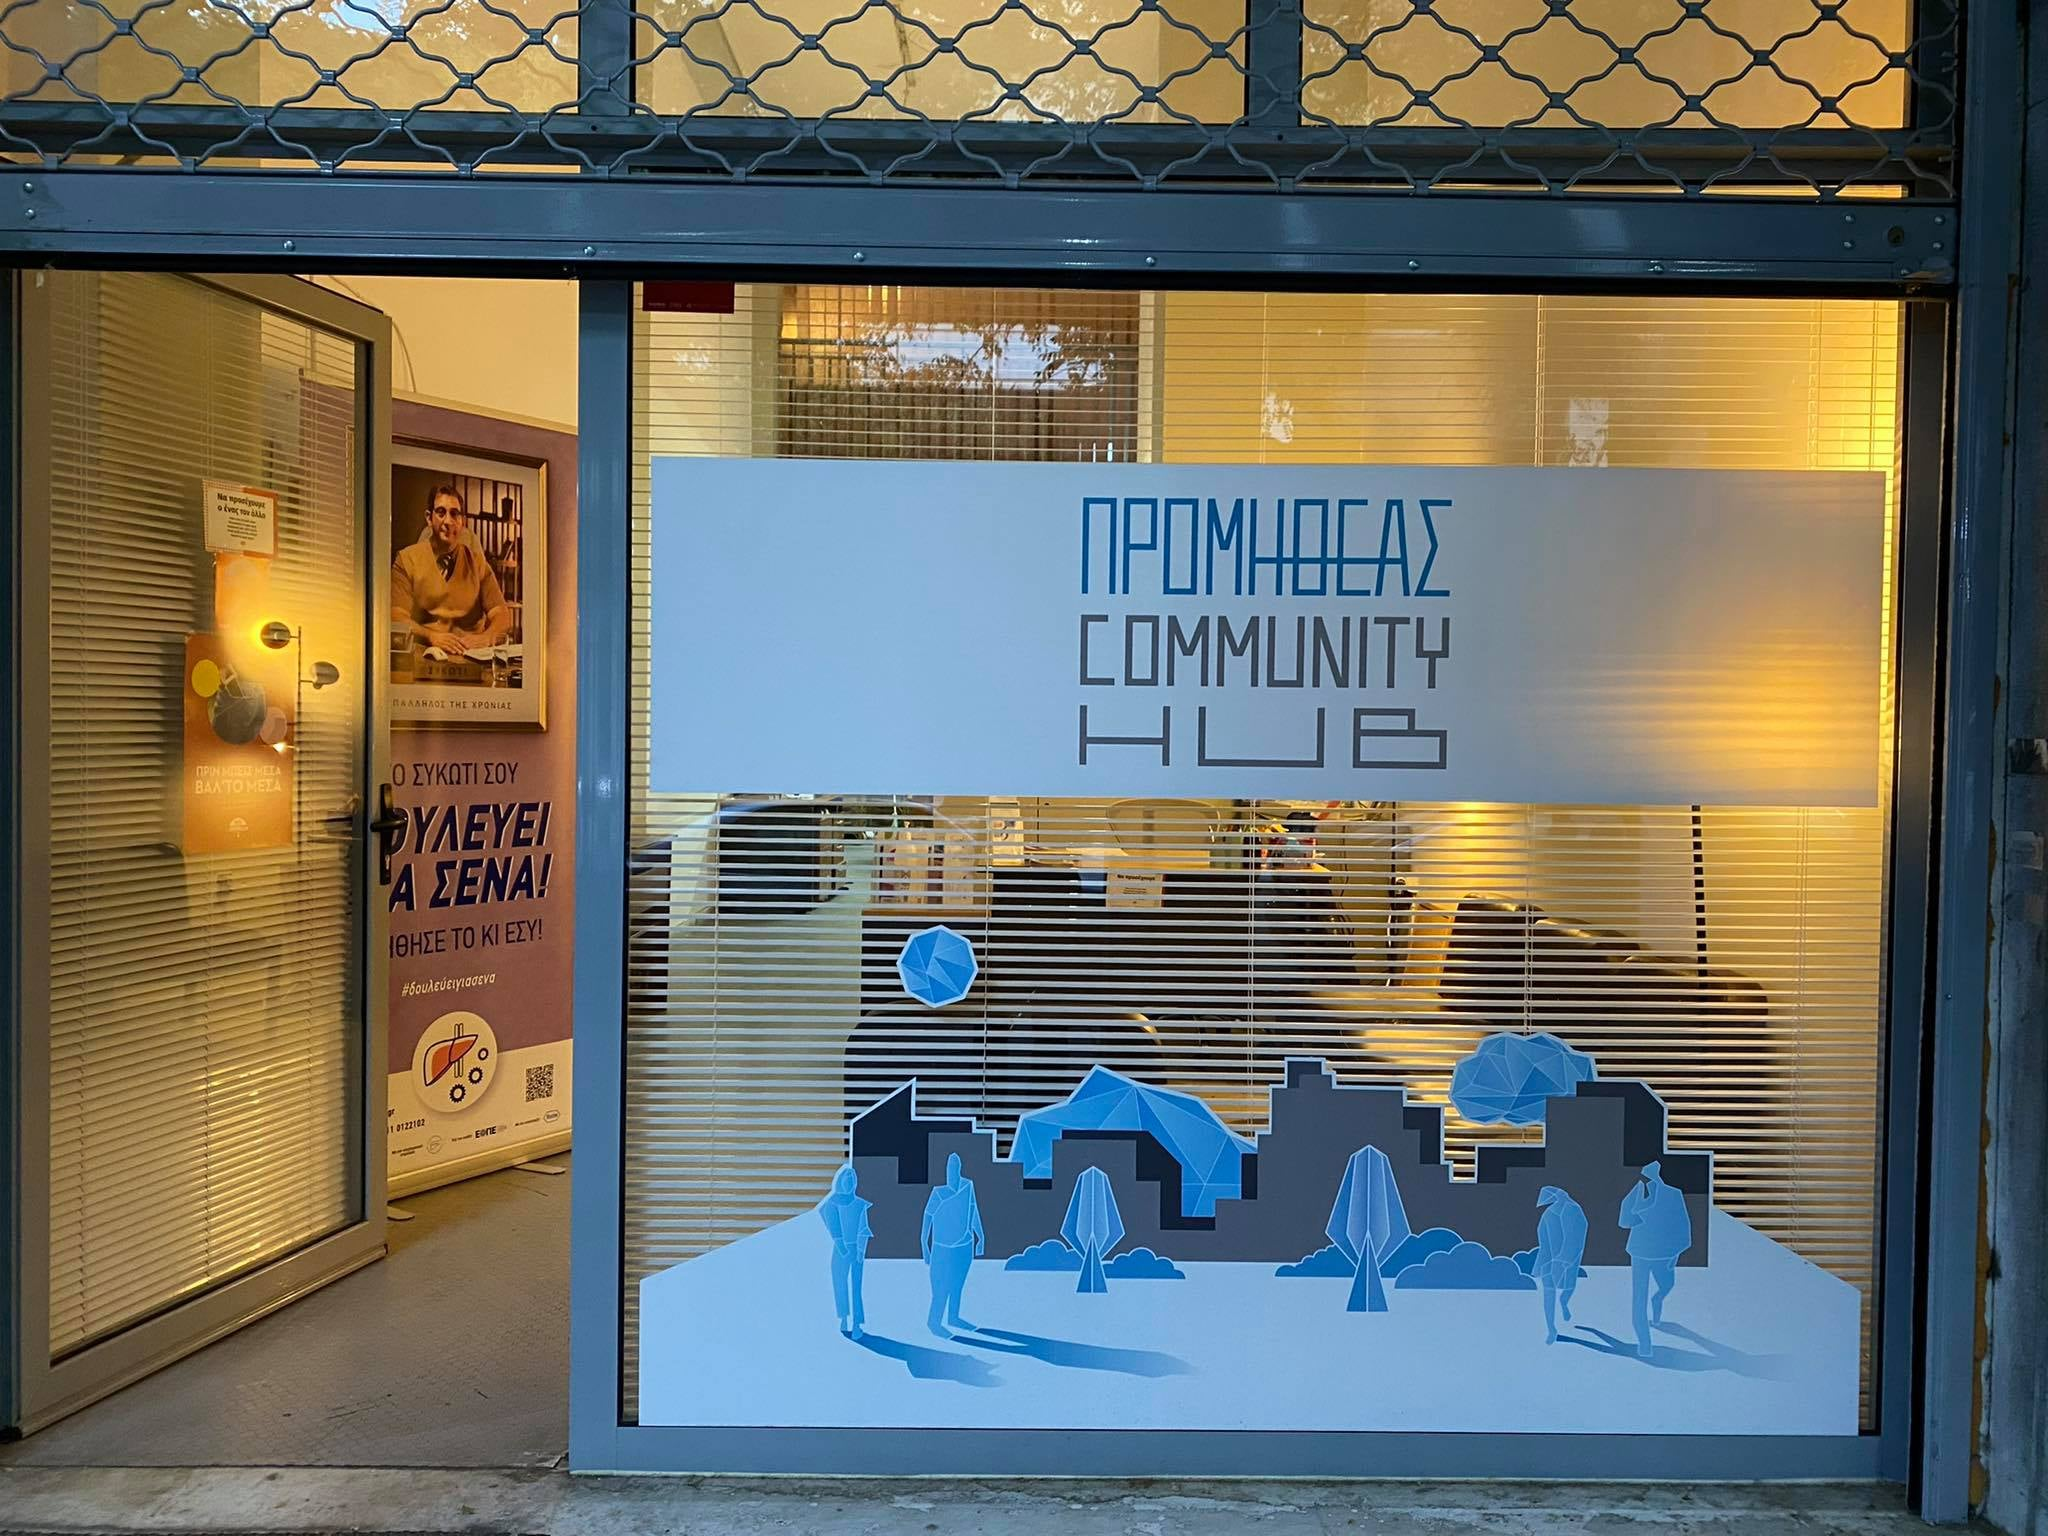 ΠΡΟΜΗΘΕΑΣ Community Hub: Το νέο σημείο αναφοράς των ωφελούμενων στο κέντρο της Αθήνας